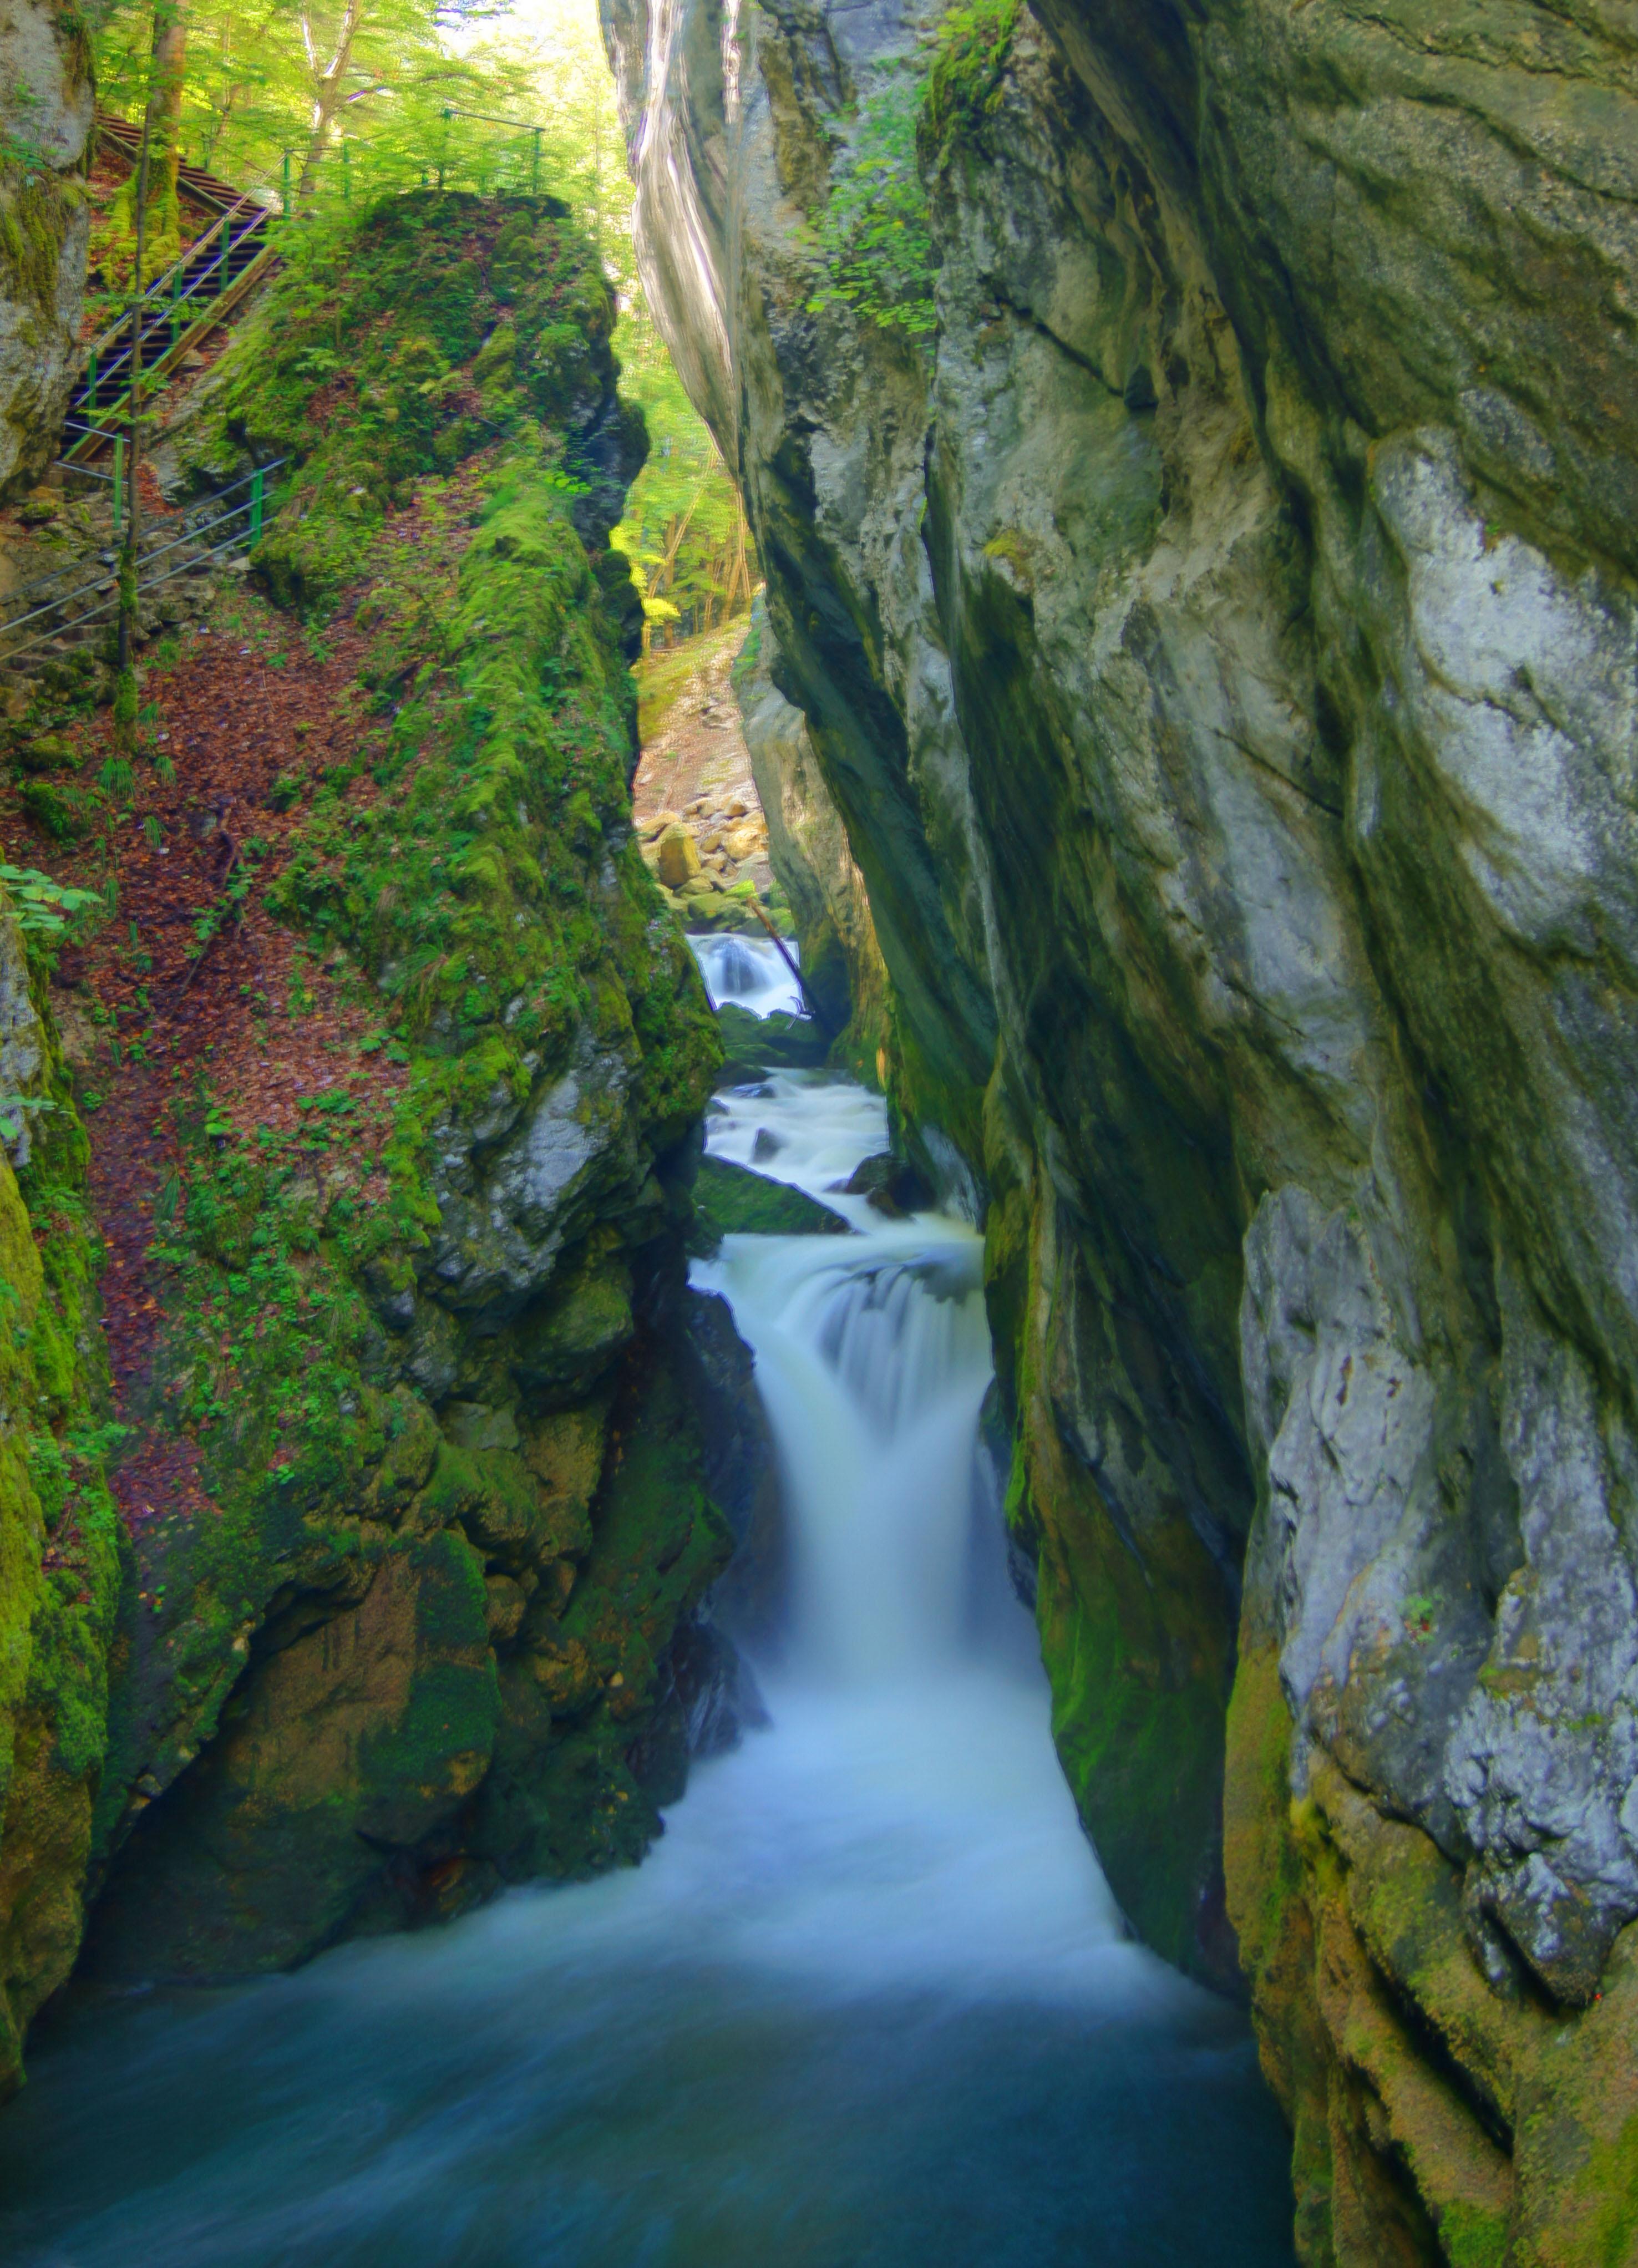 bilderbersicht - Hansgrohe Wasserfall Dusche